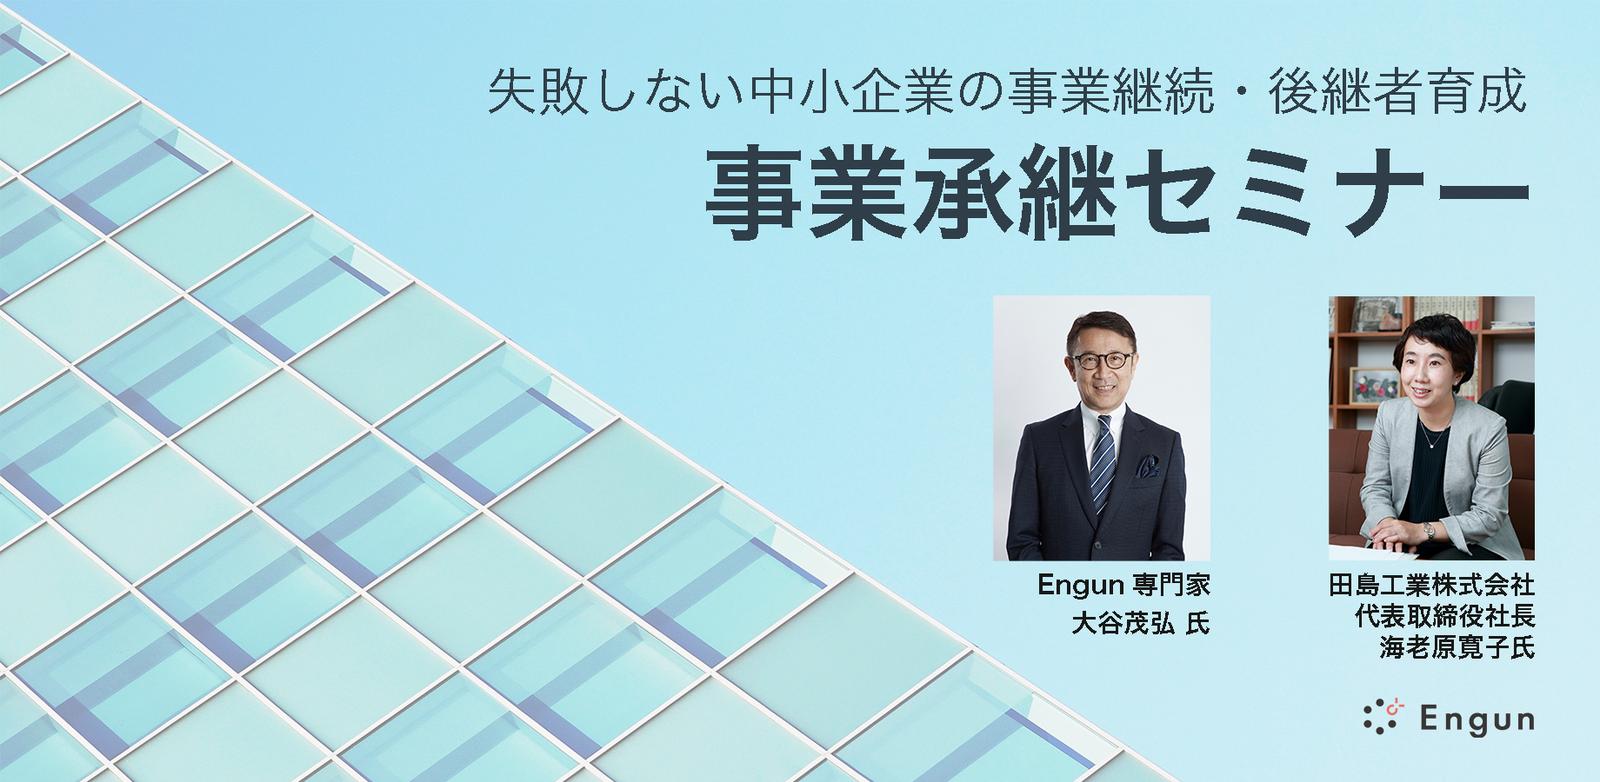 11月9日開催:事業承継セミナー~失敗しない中小企業の事業継続・後継者育成~